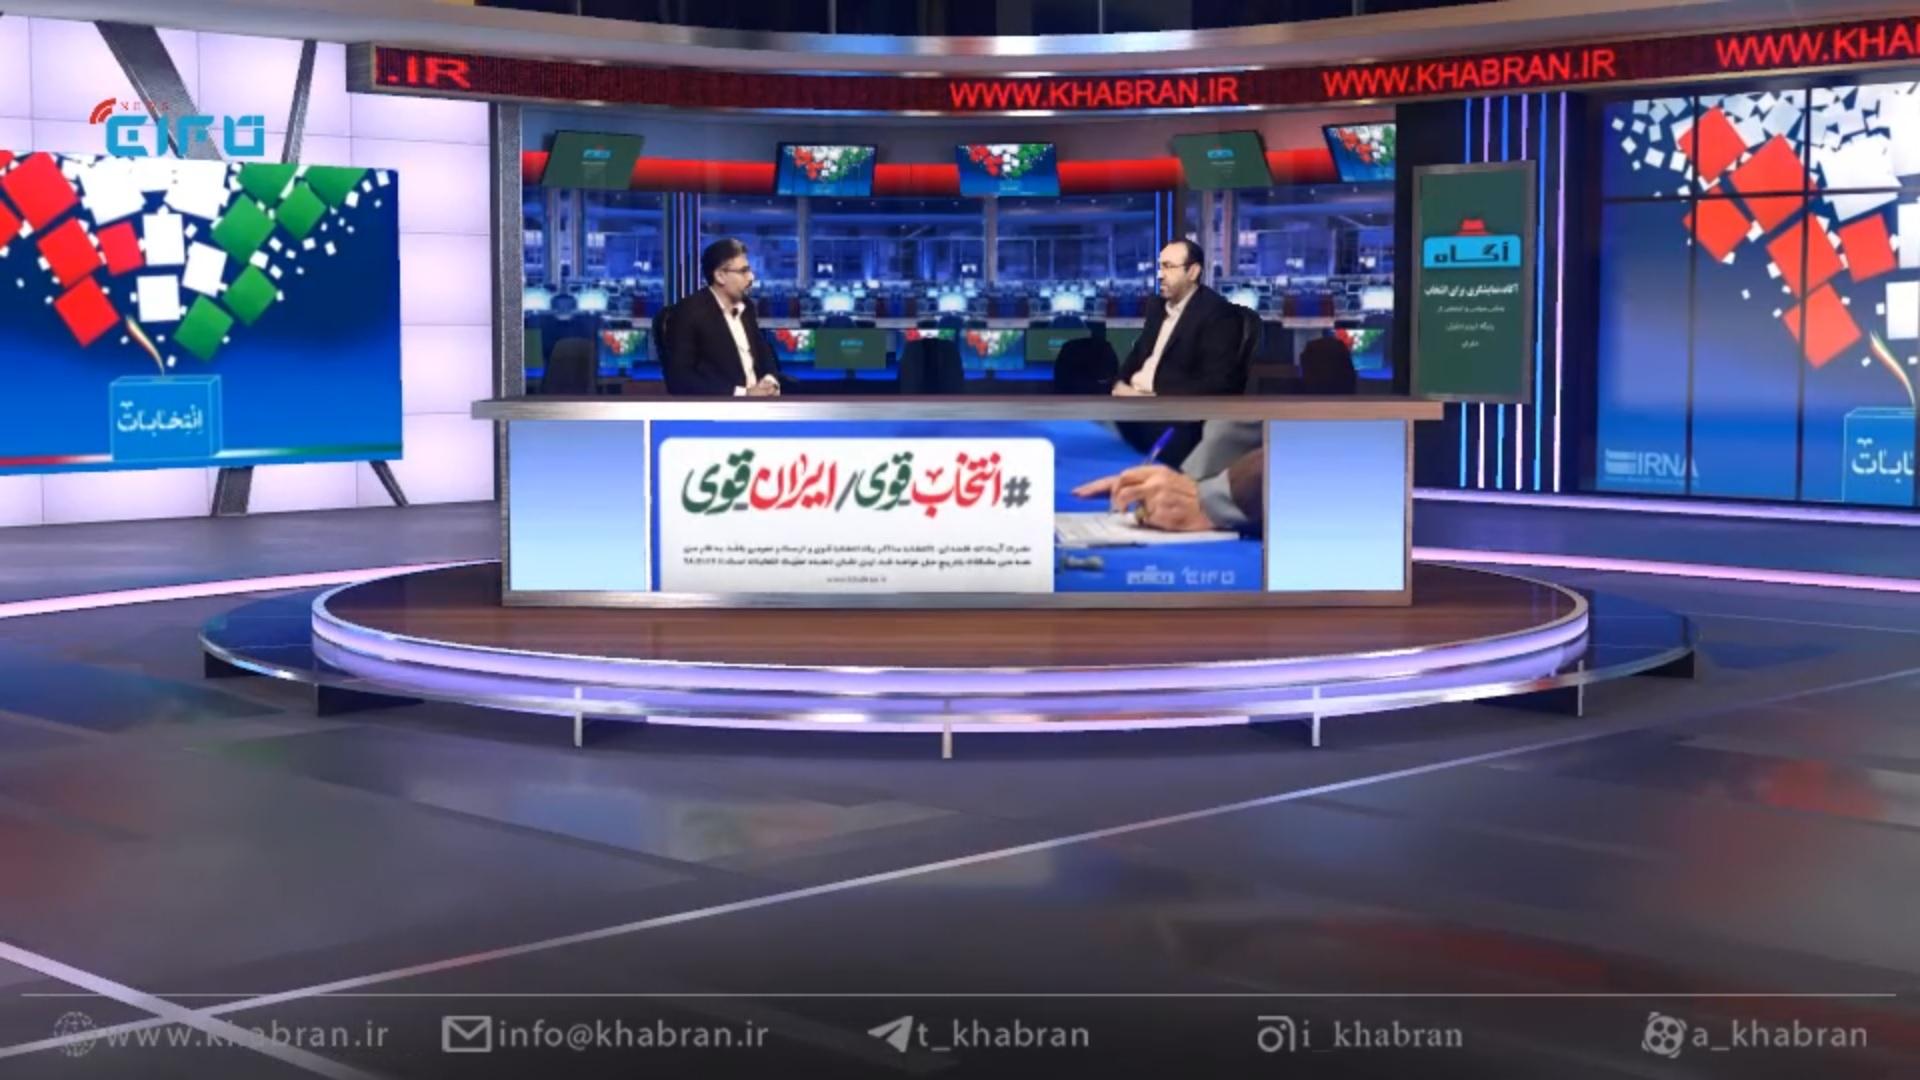 آگاه | قسمت هشتم – گفتگو با علی صافی،کاندیدای ششمین دوره انتخابات شورای شهر رامشیر